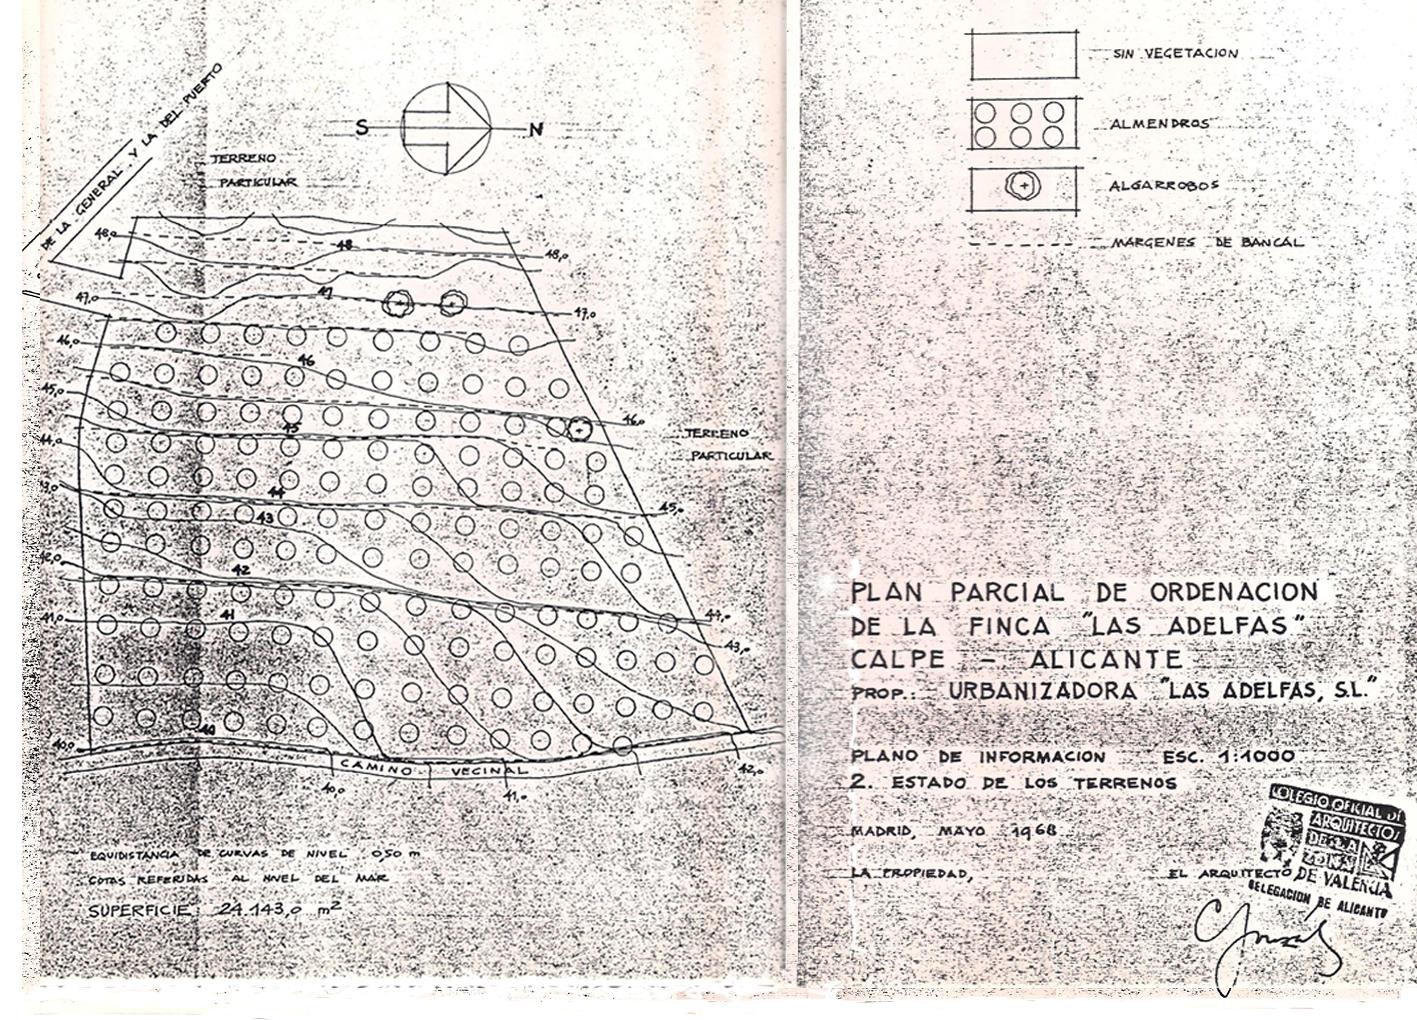 Plano Plan Parcial Urbanización Las Adelfas, 1968. Solar original. Pincha